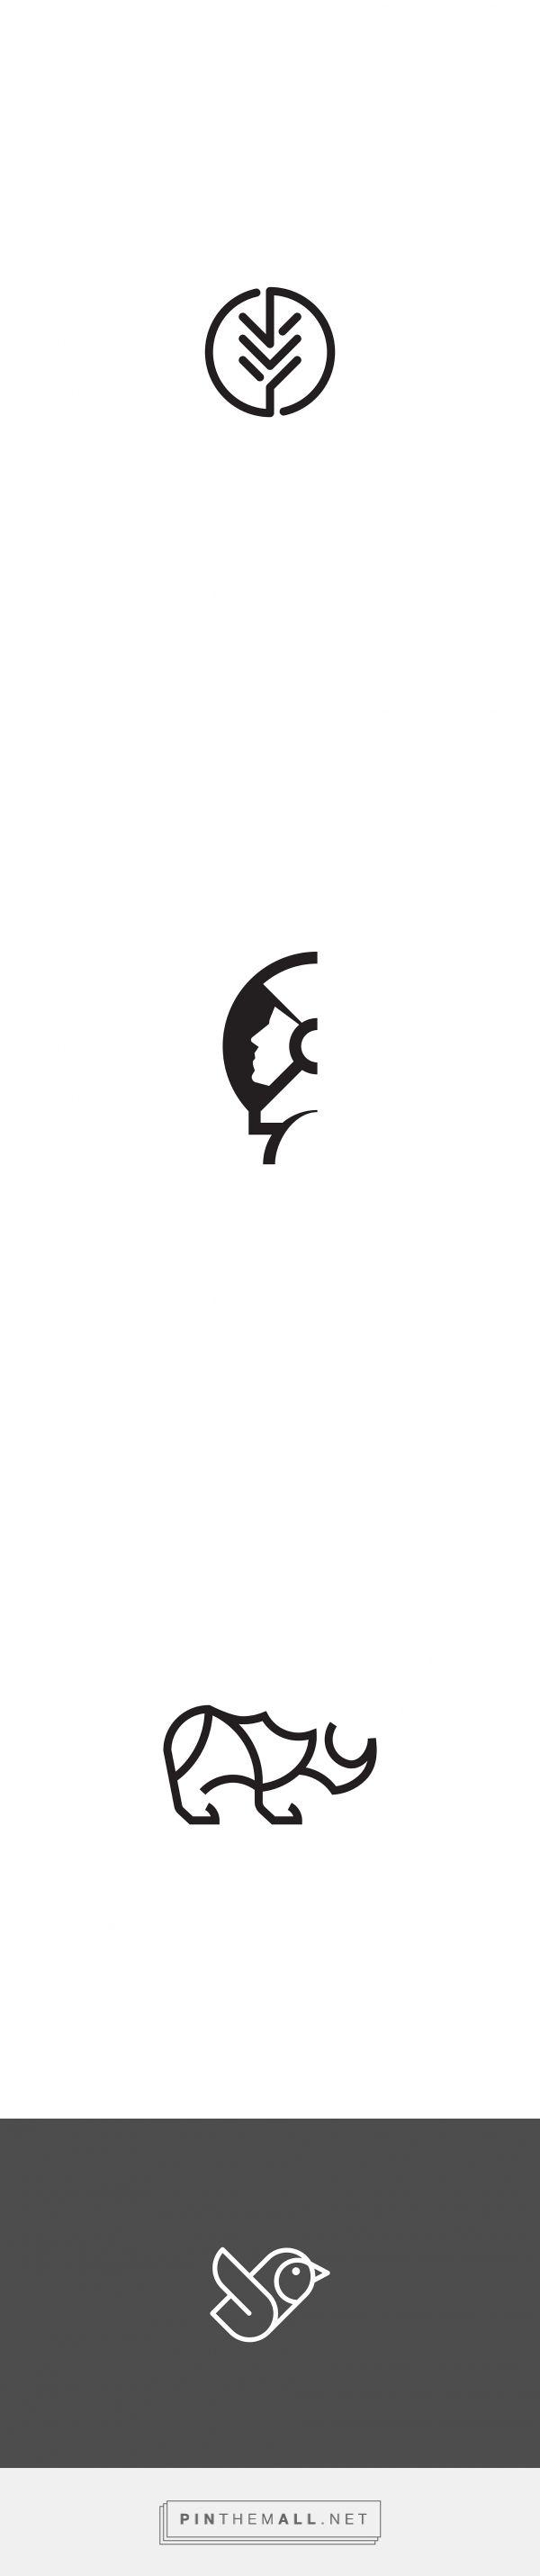 Face. Logos.